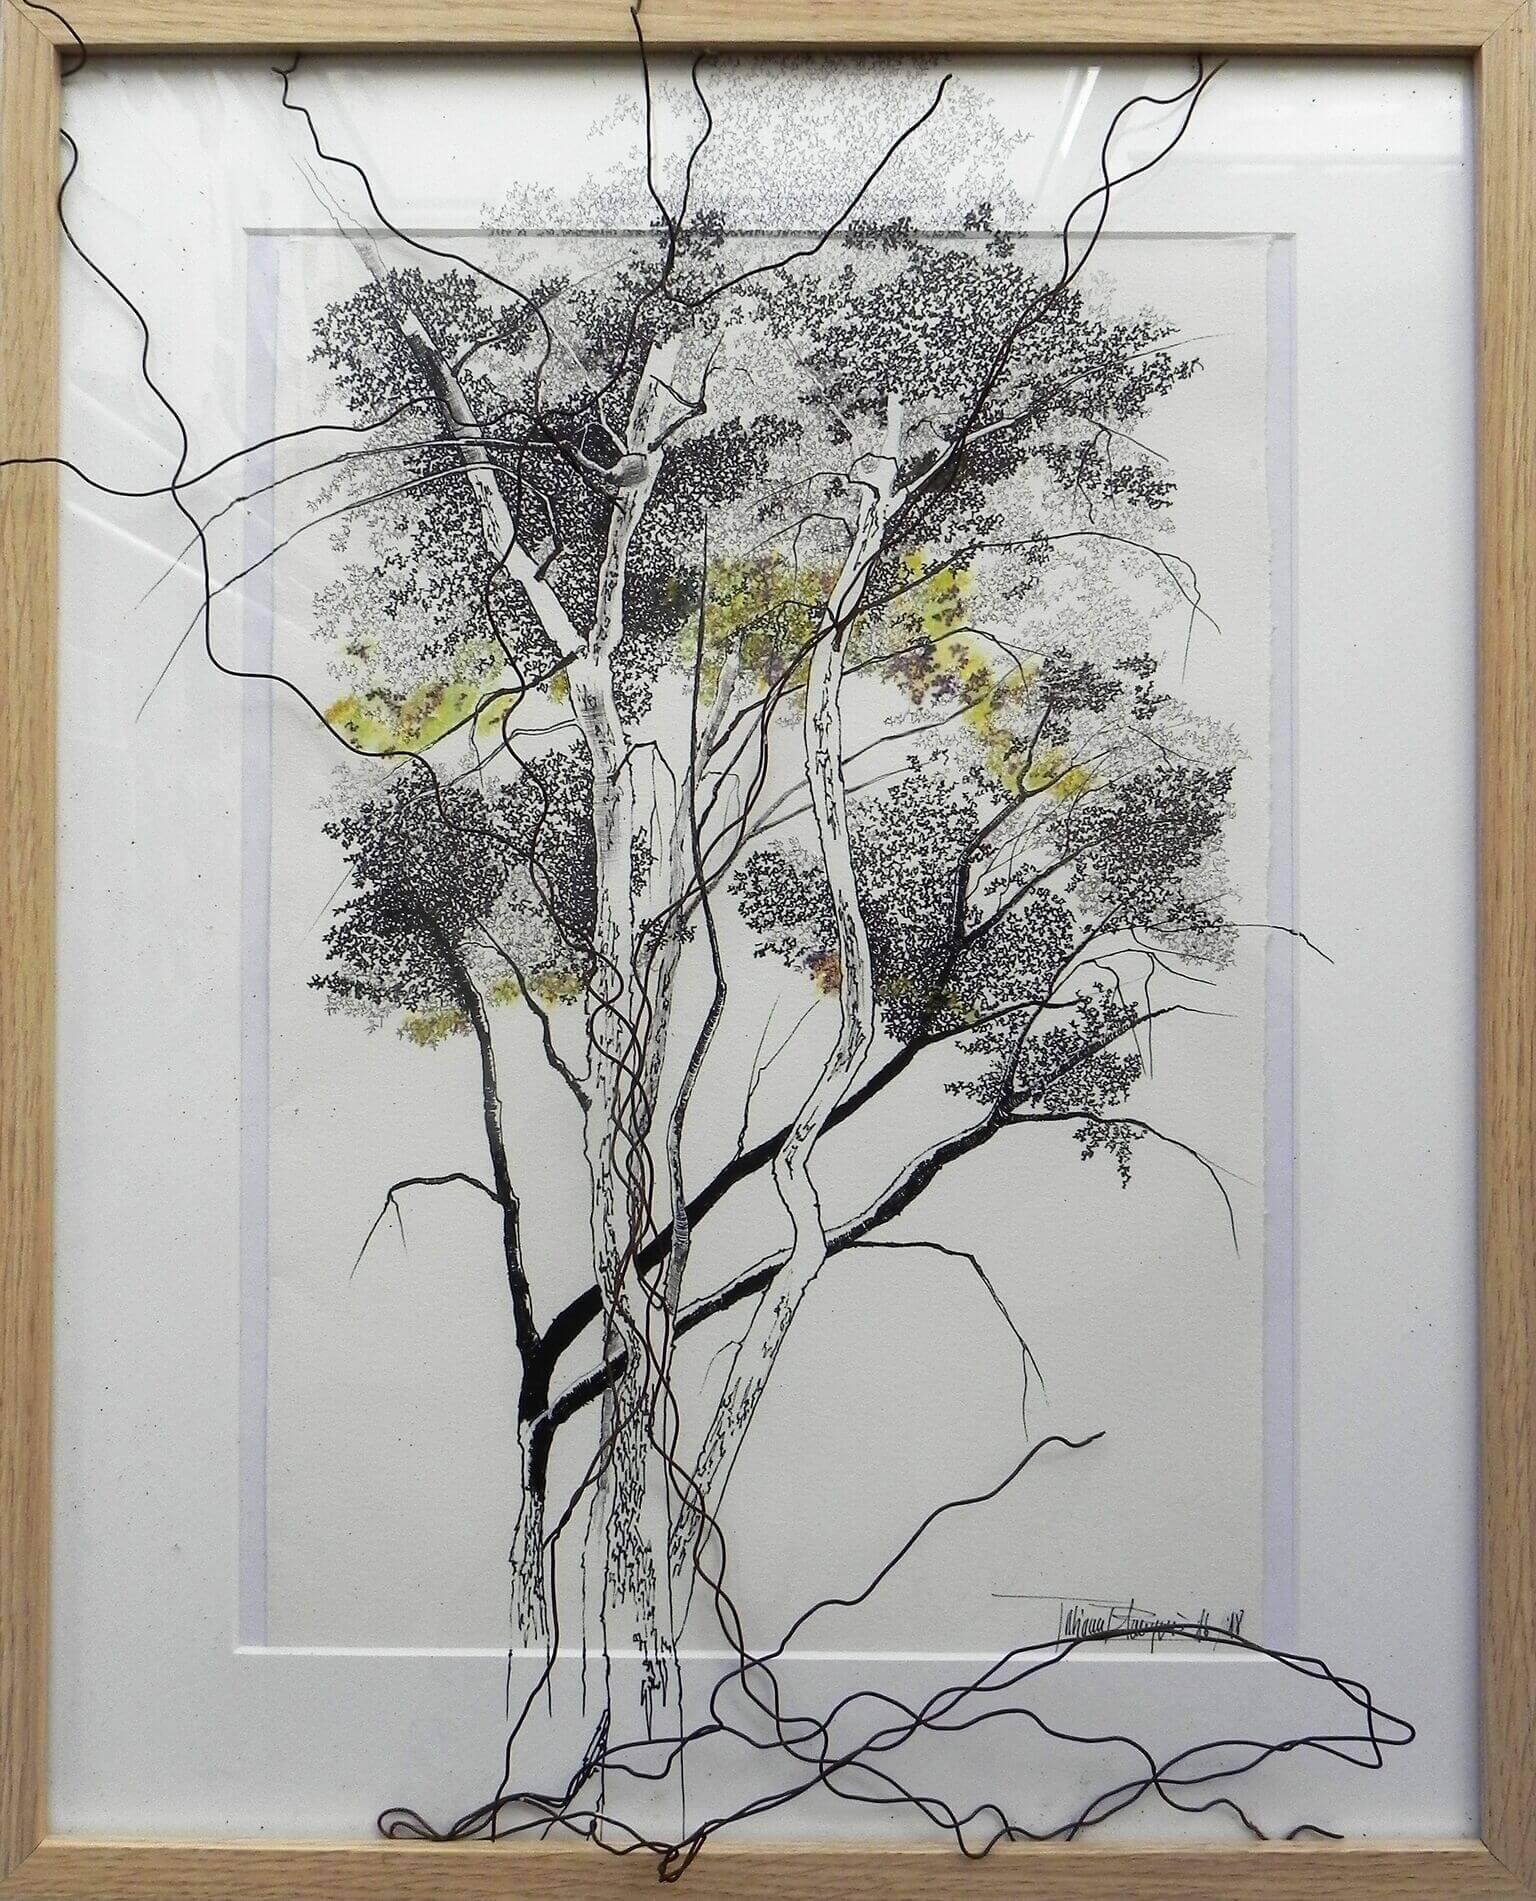 600€-Alló-que-amagues-els-arbres-bis-dibuix-i-filferro-d-paper-42x52cm-DSCN7731_preview Tatiana Blanqué